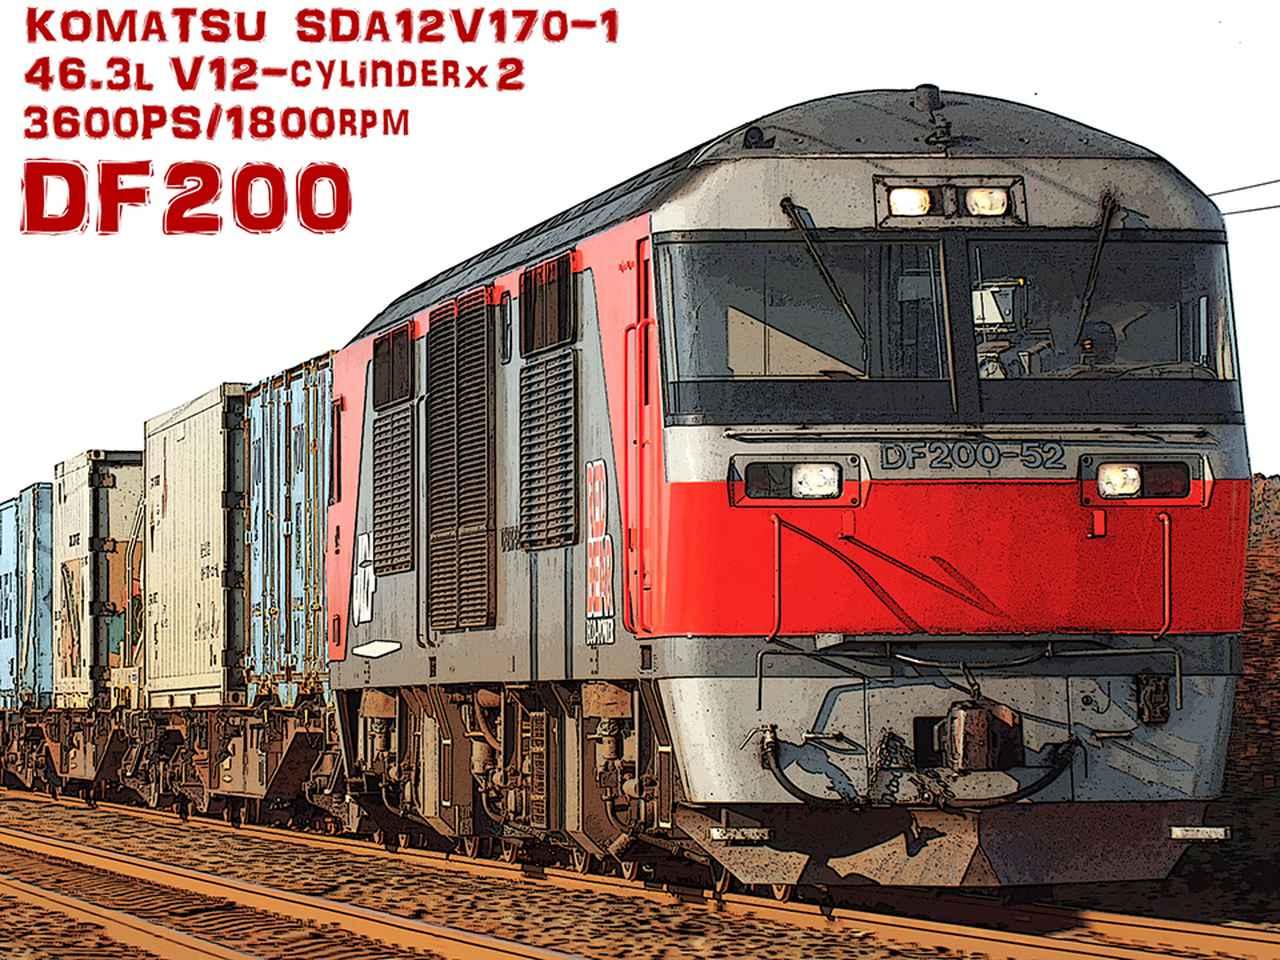 【モンスターマシンに昂ぶる 011】日本最強・最速を誇るディーゼル列車たち